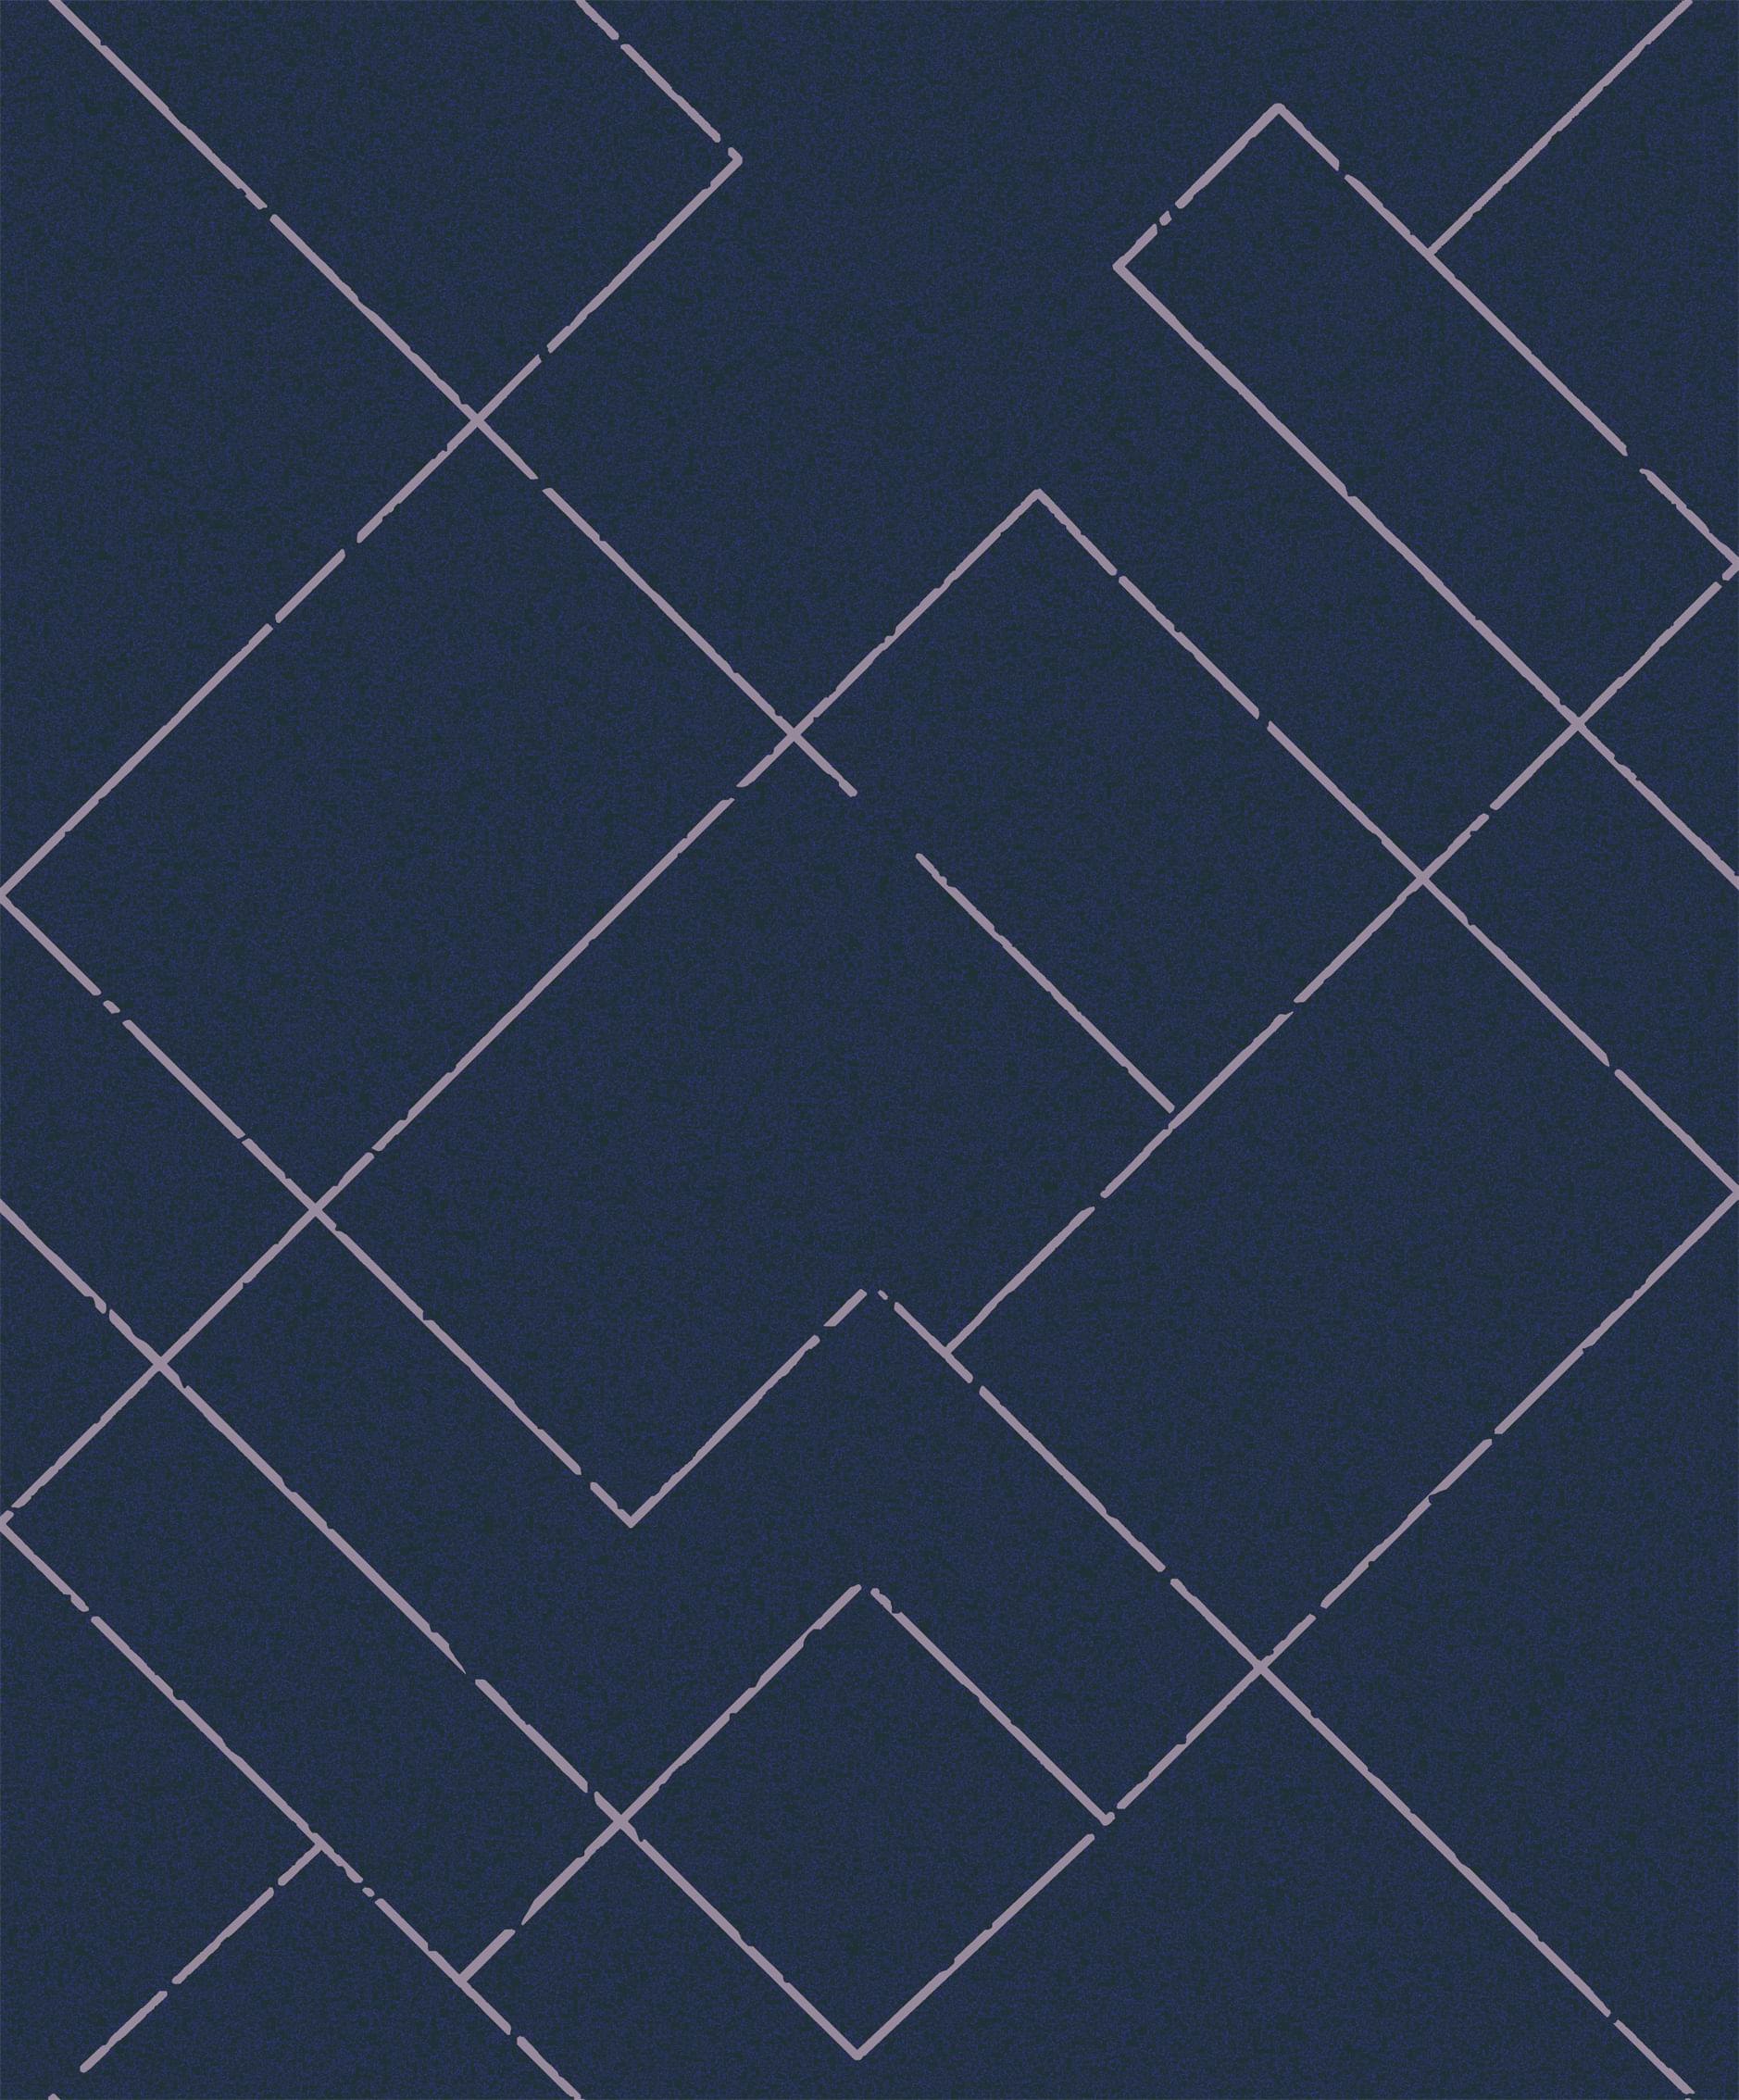 Papel de Parede Modern Maison Linhas Geométricas MM558605 - Rolo: 10m x 0,52m